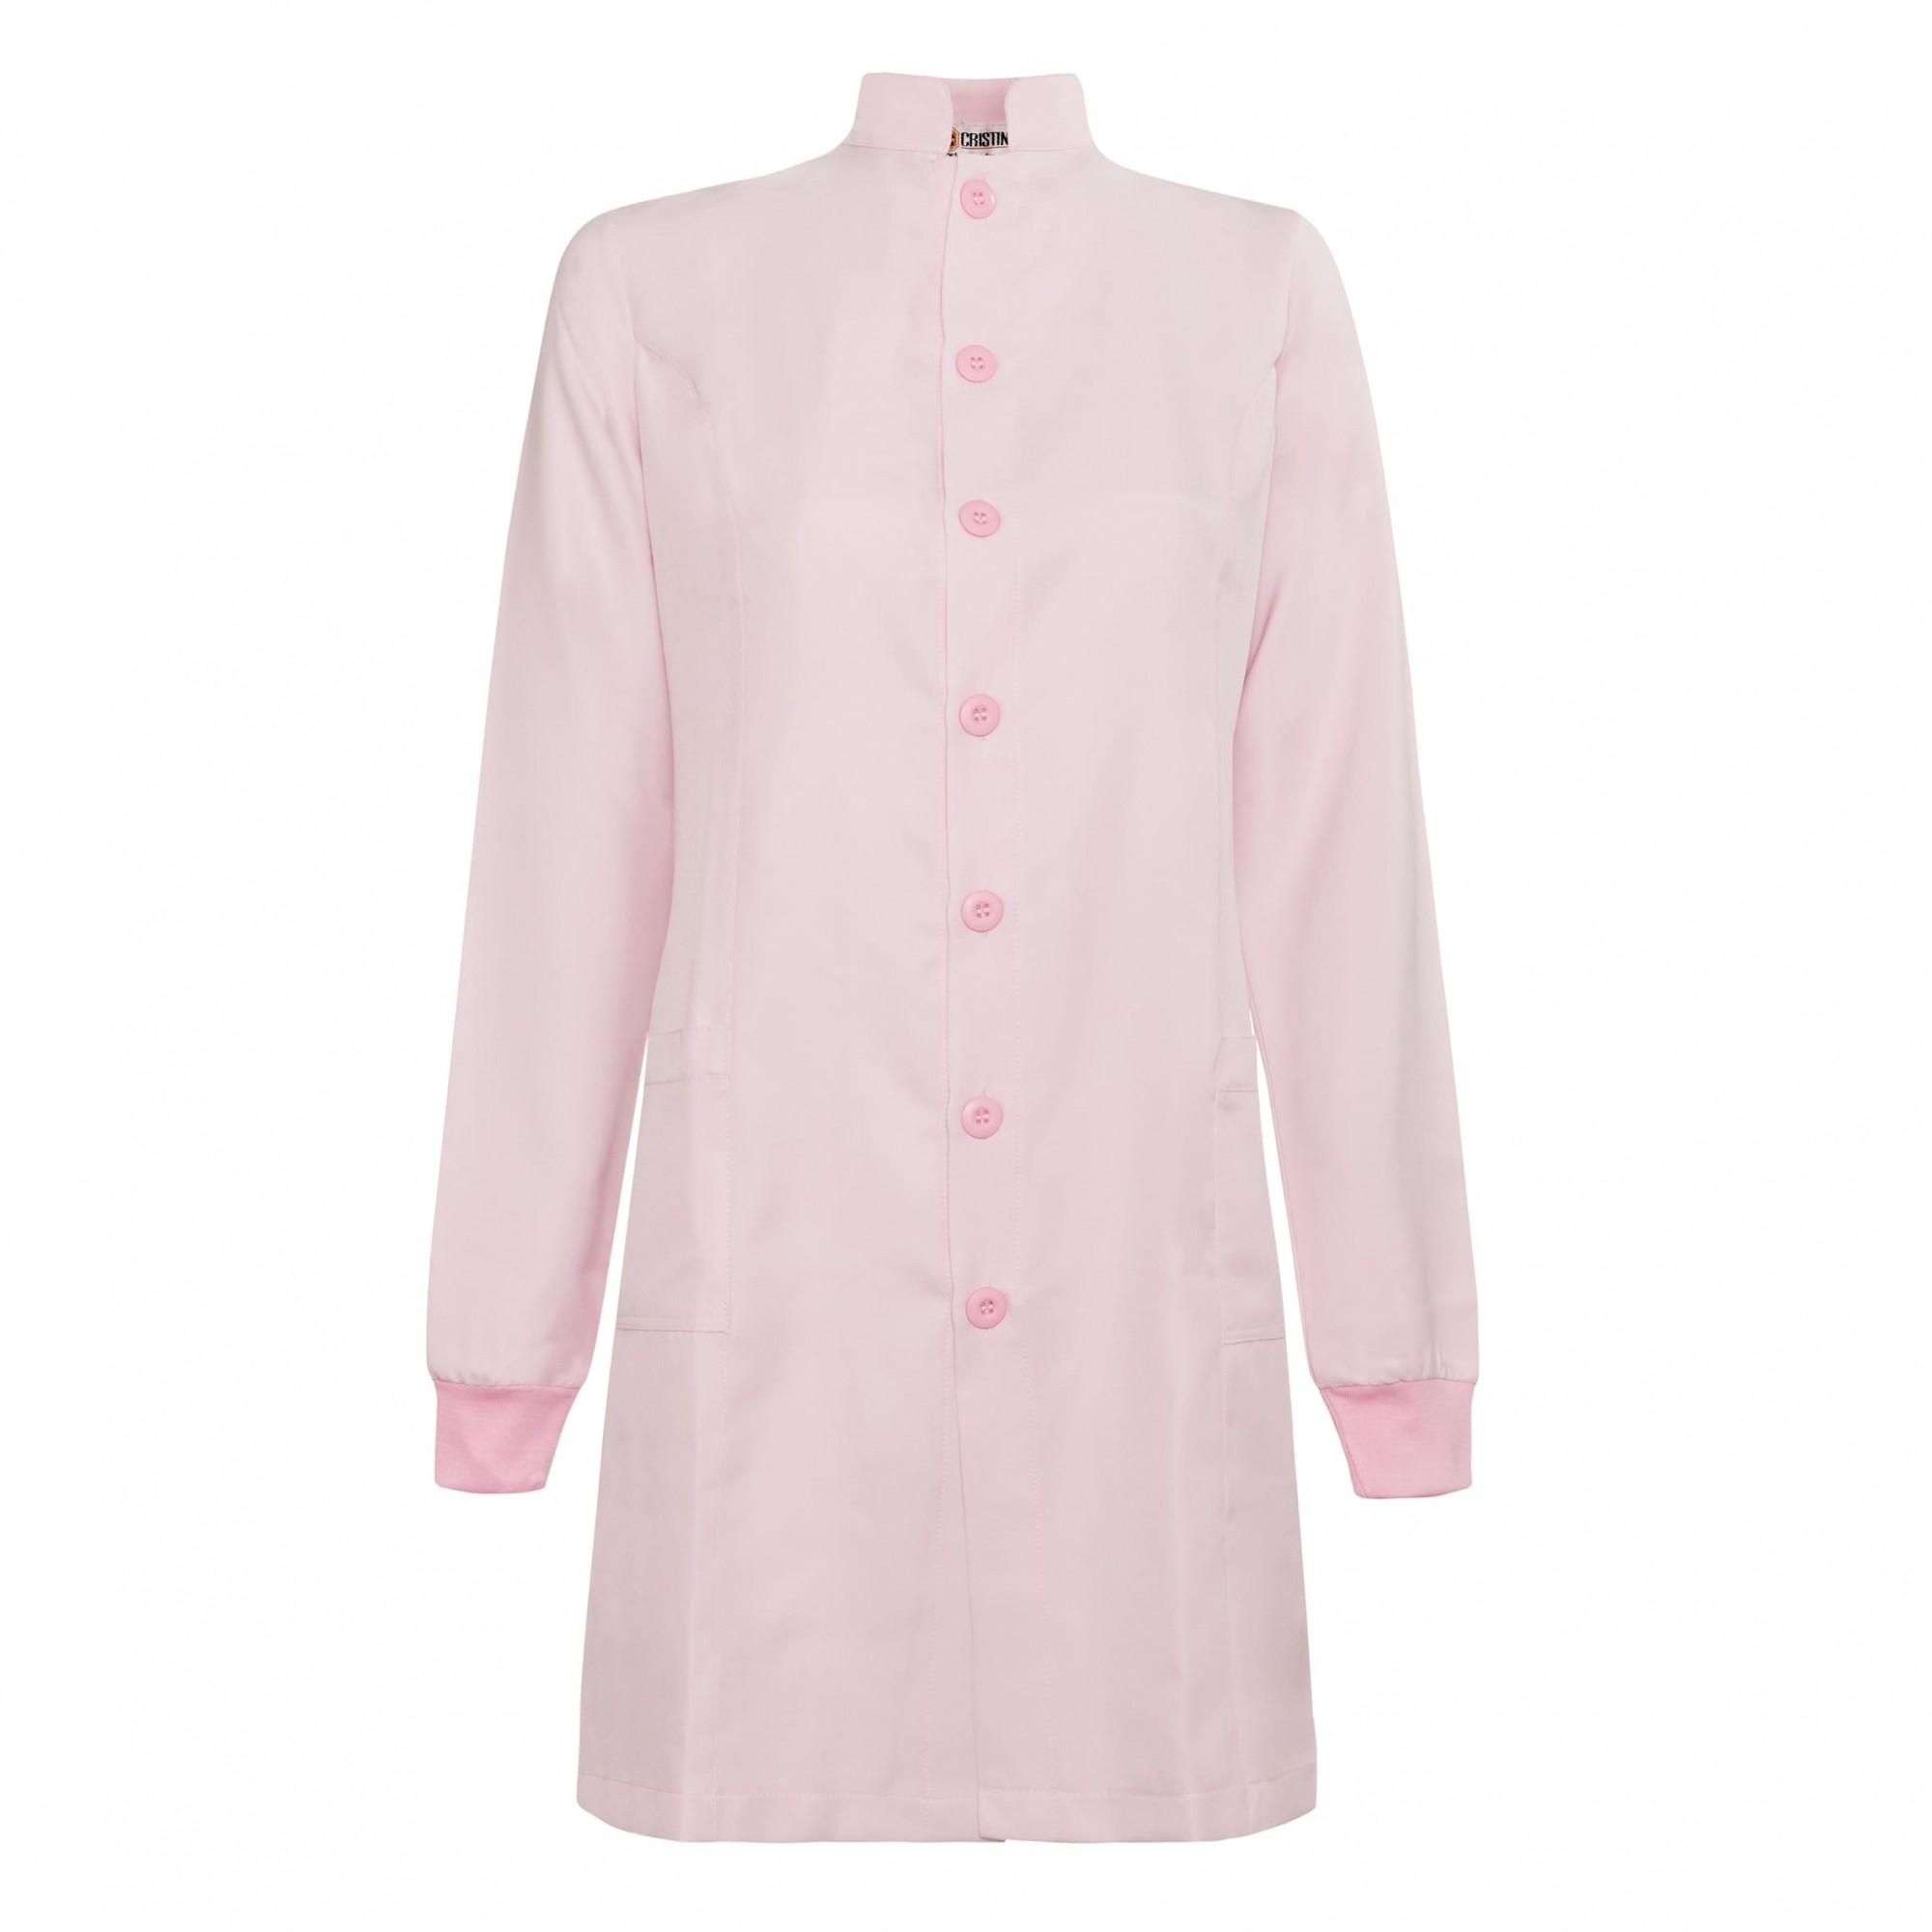 Jaleco Feminino Gola Padre Rosa Bebê Manga Longa com punhos e botões rosa